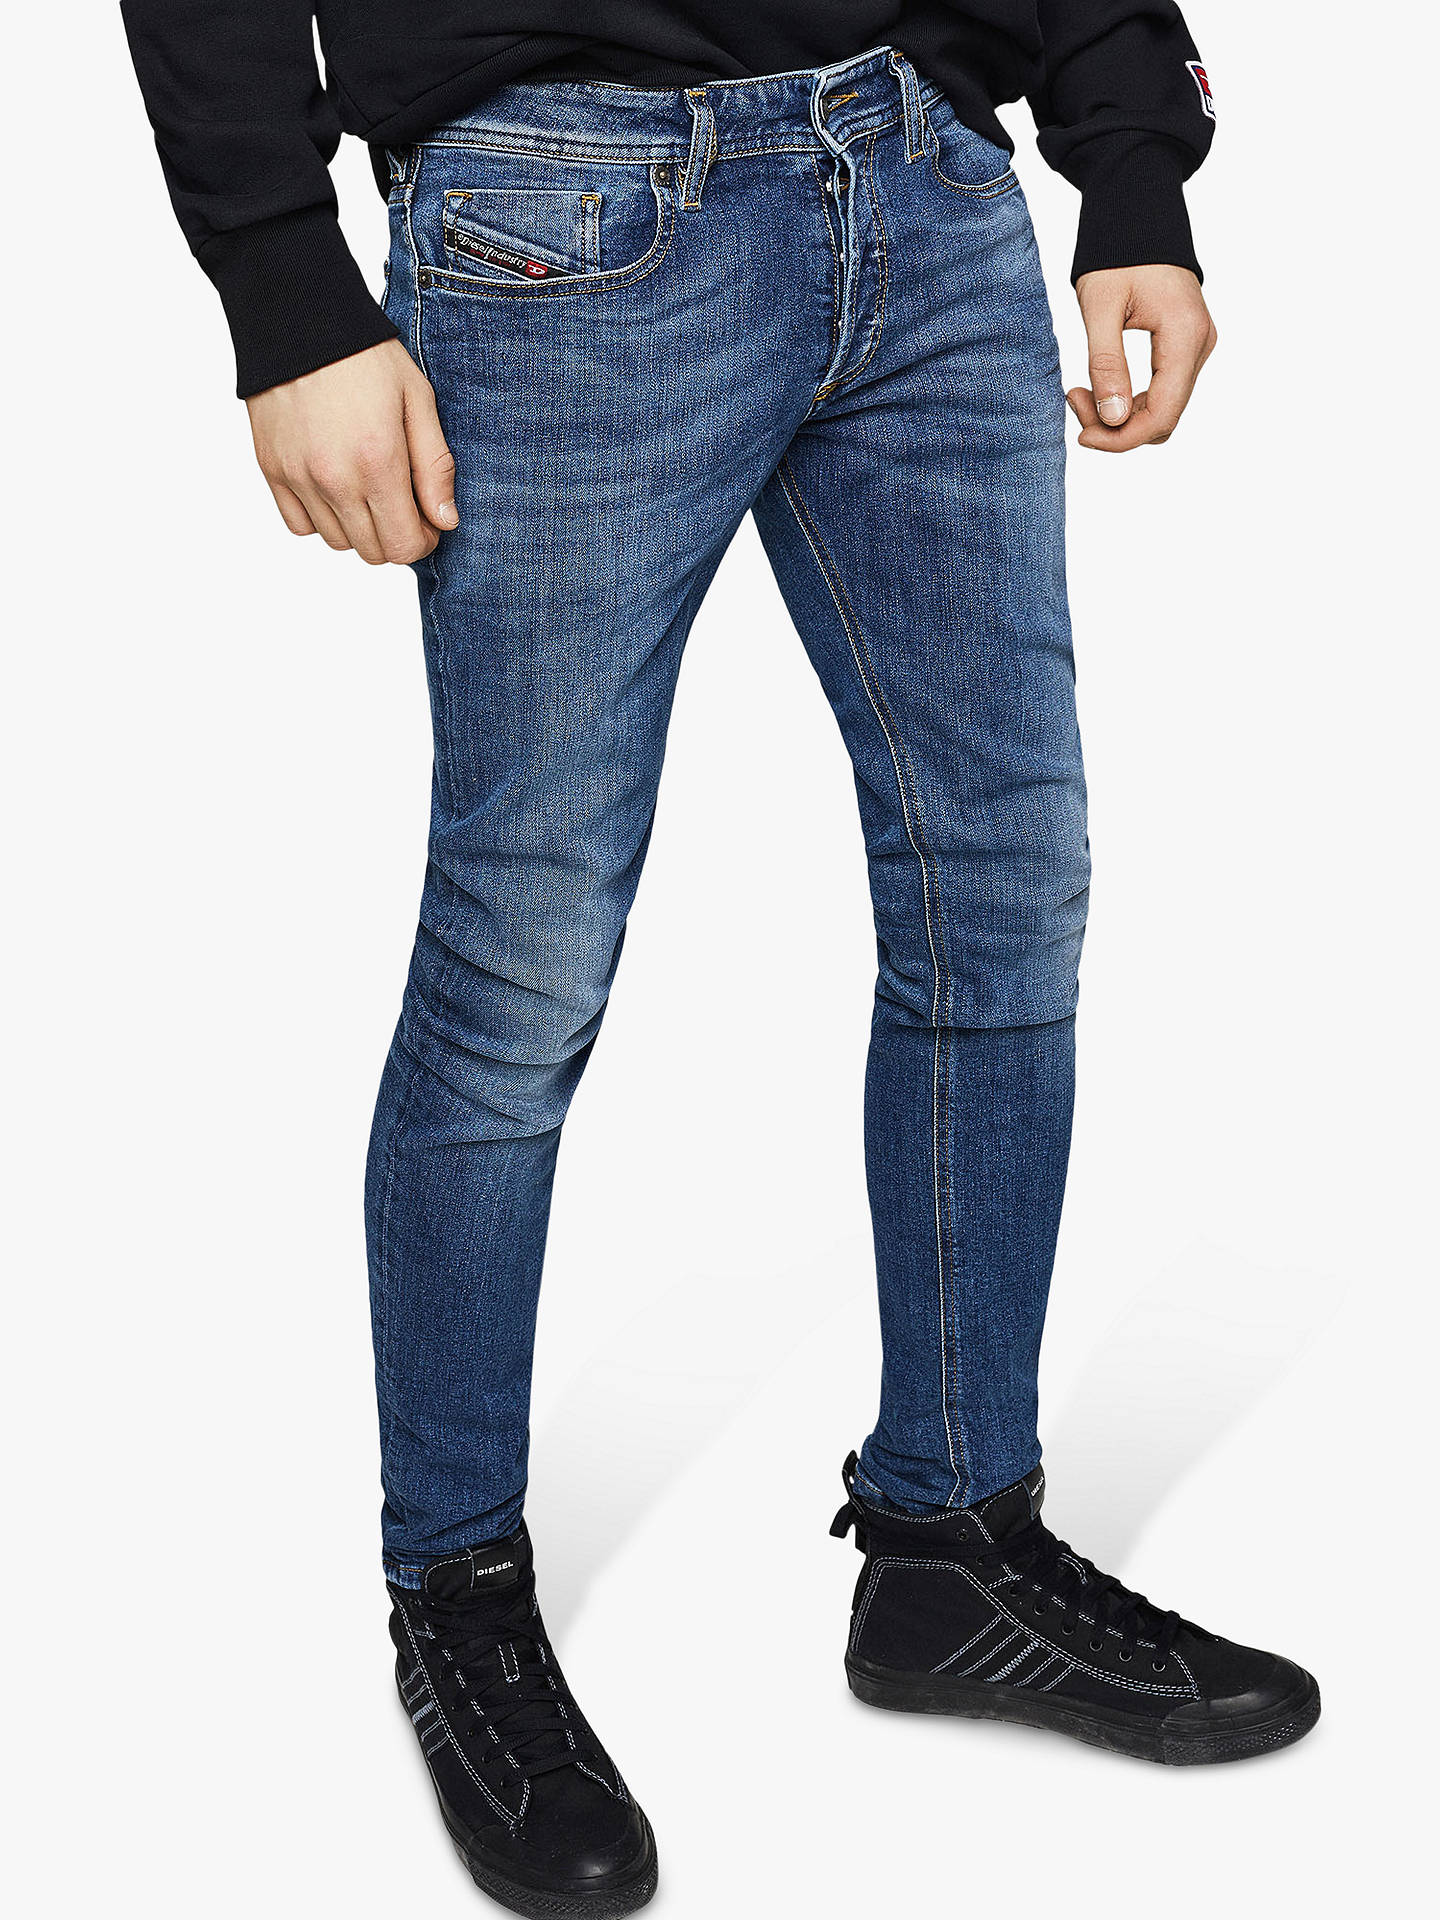 huge discount 6fdc8 e9e35 Diesel Sleenker Skinny Jeans, Medium Blue 069FZ